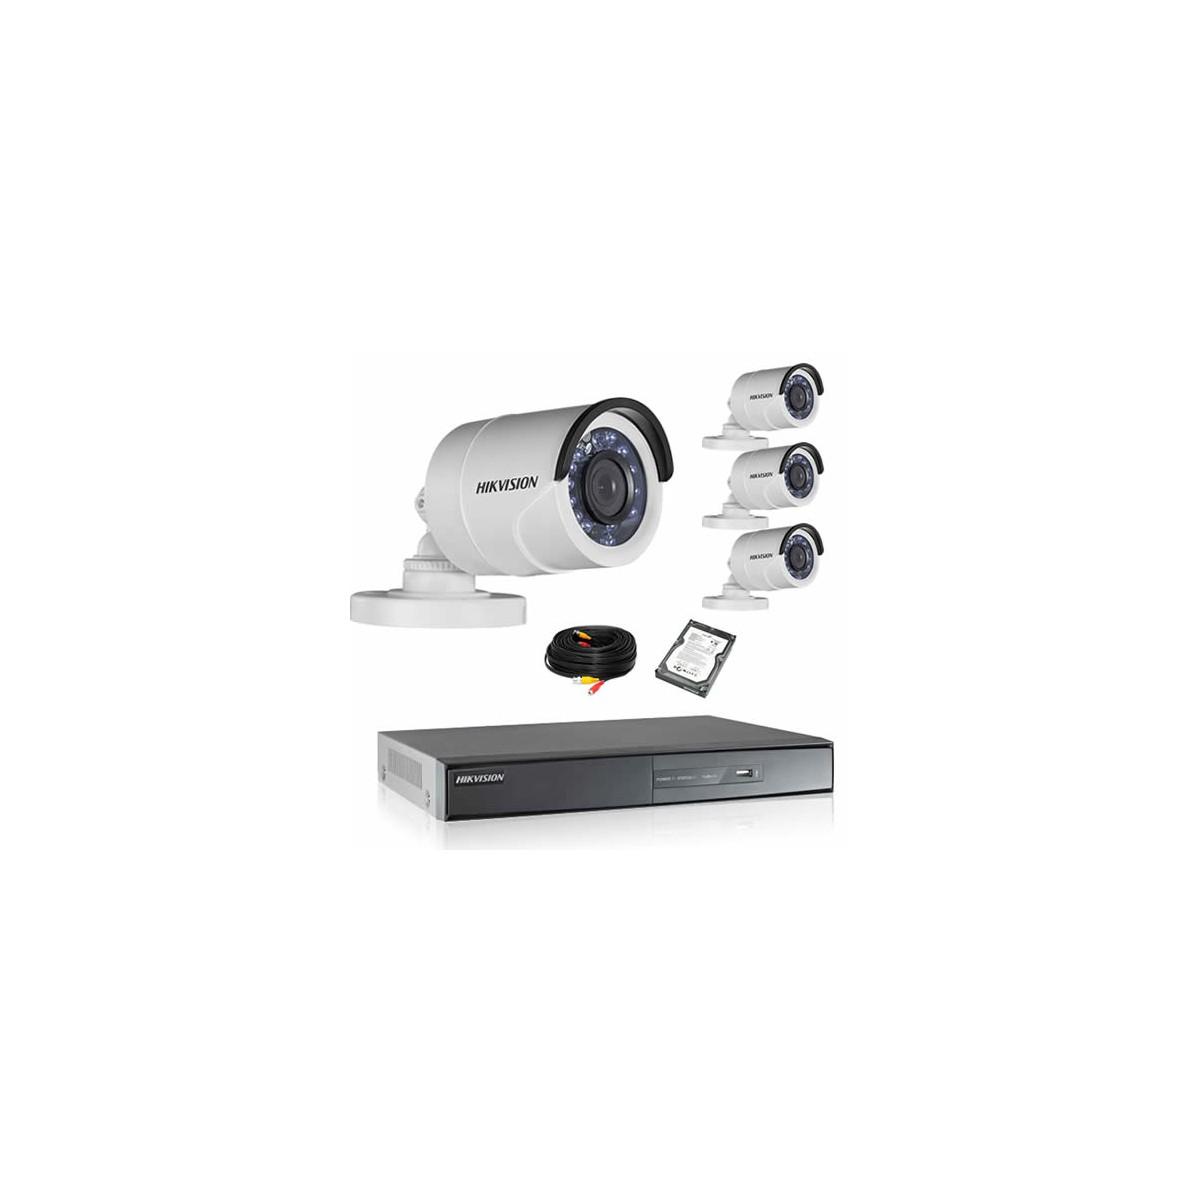 Kit de vidéosurveillance hikvision 4 tubes 1080p turbo hd avec disque dur